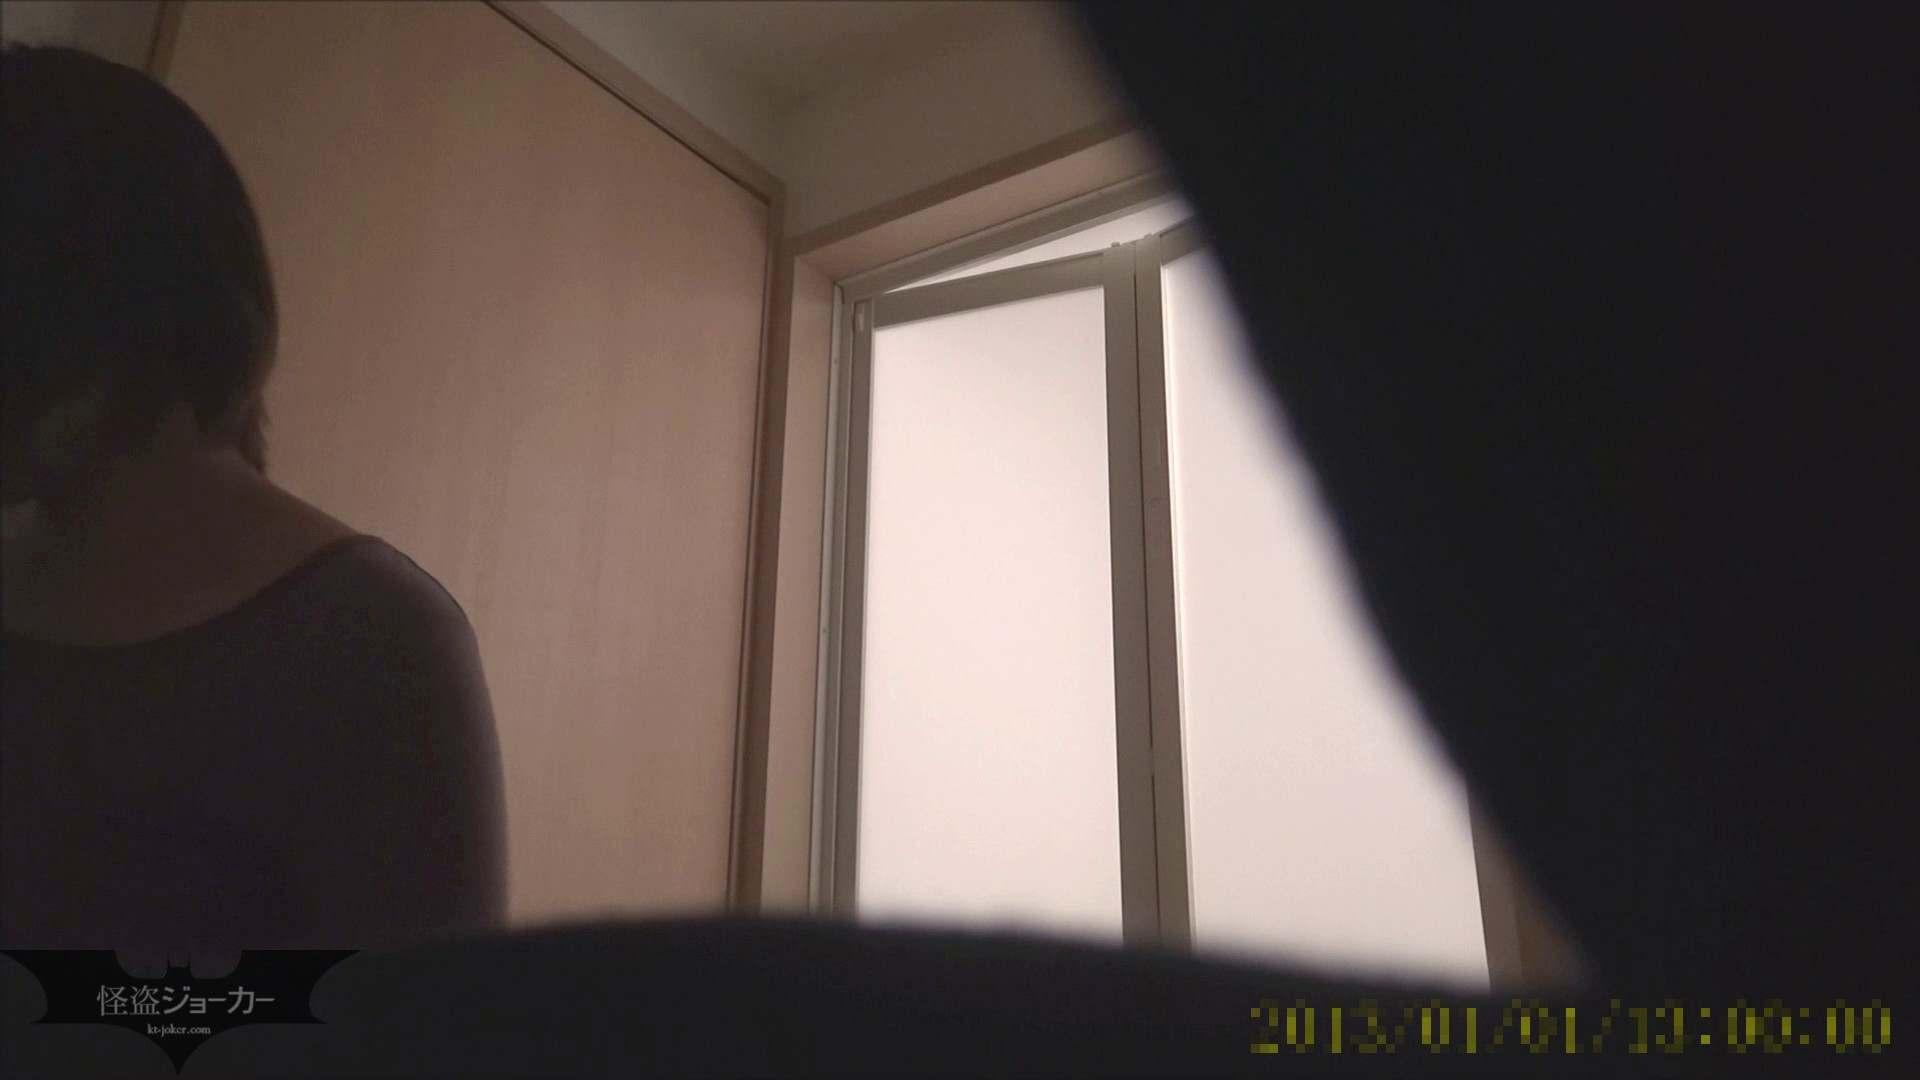 【未公開】vol.103  {黒髪→茶髪ボブに変身}美巨乳アミちゃん④【前編】 巨乳 ぱこり動画紹介 92画像 27